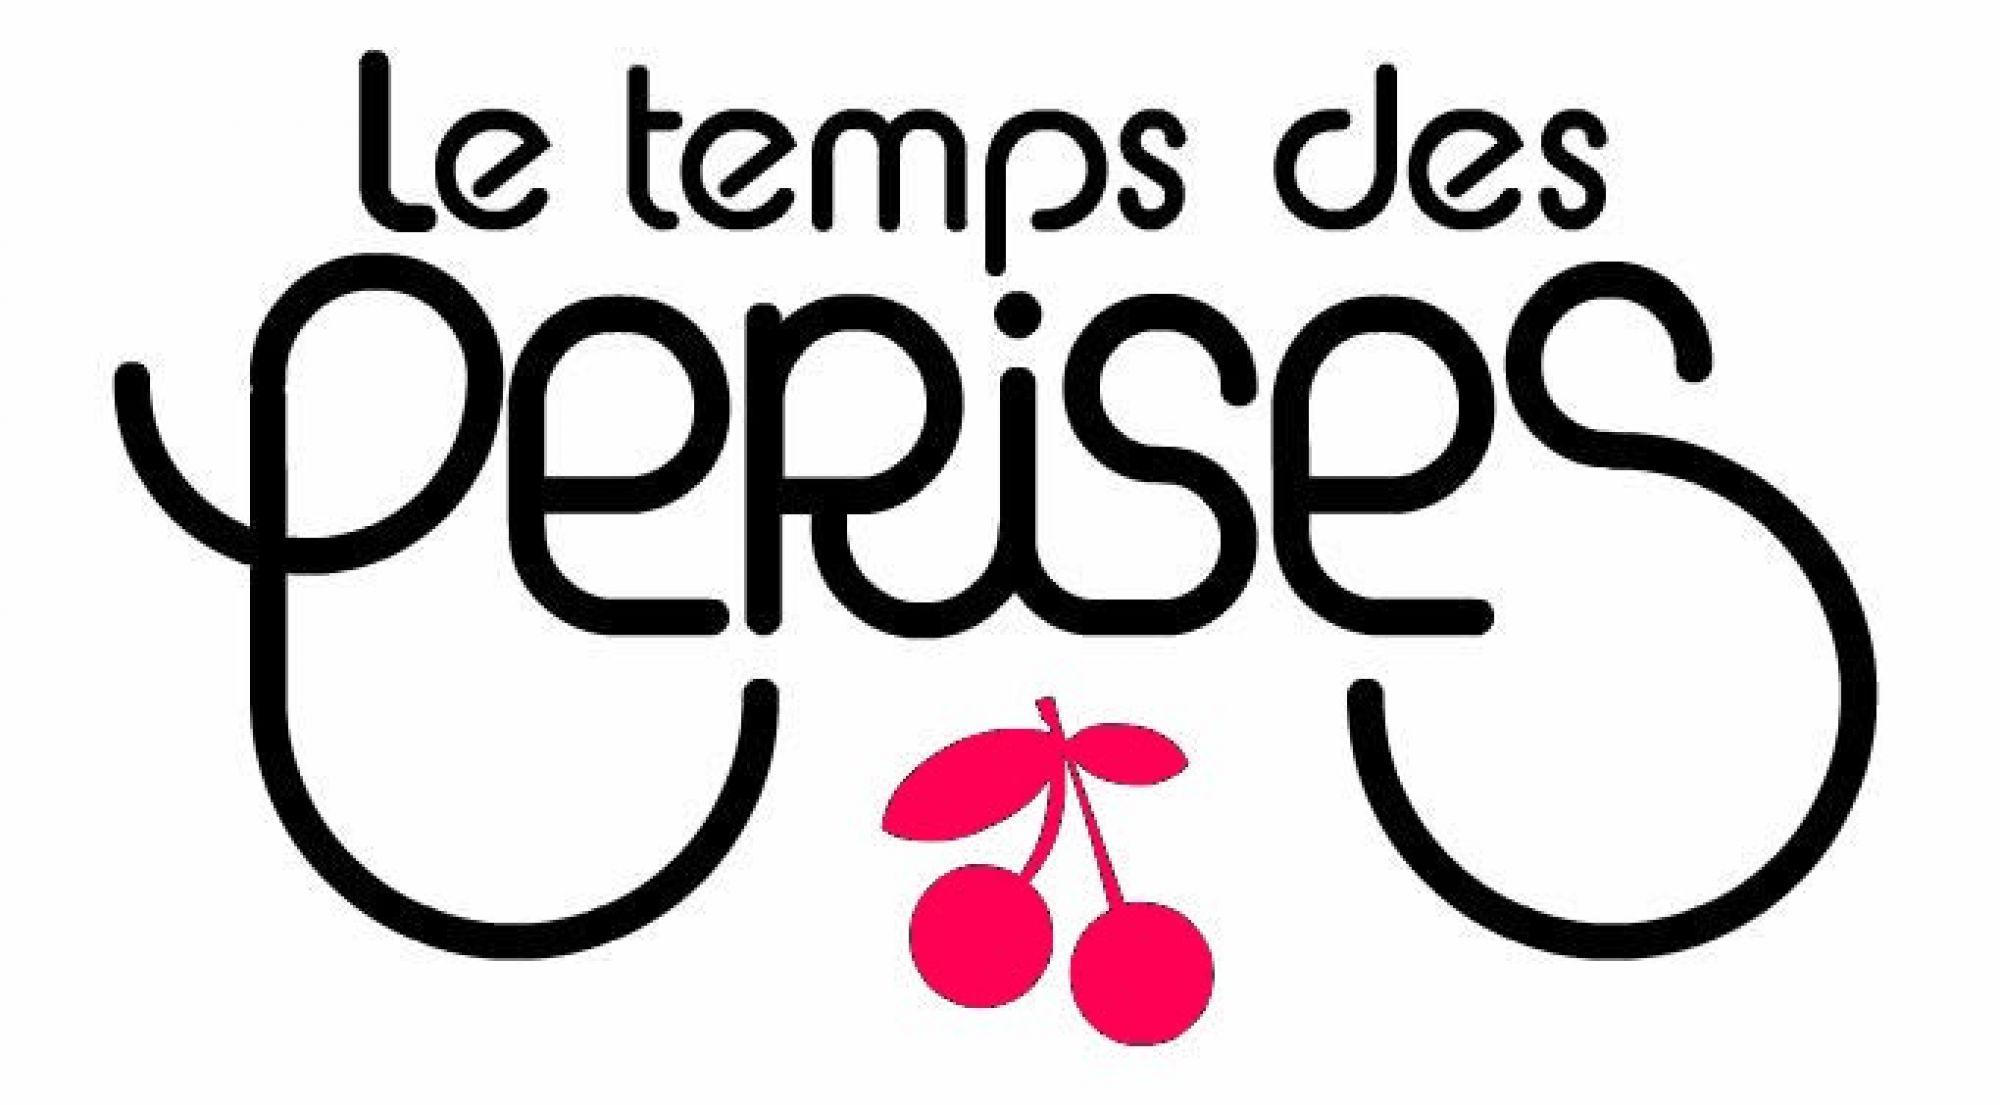 Snap Le Temps des Cerises Brandalley photos on Pinterest d54b8738db4